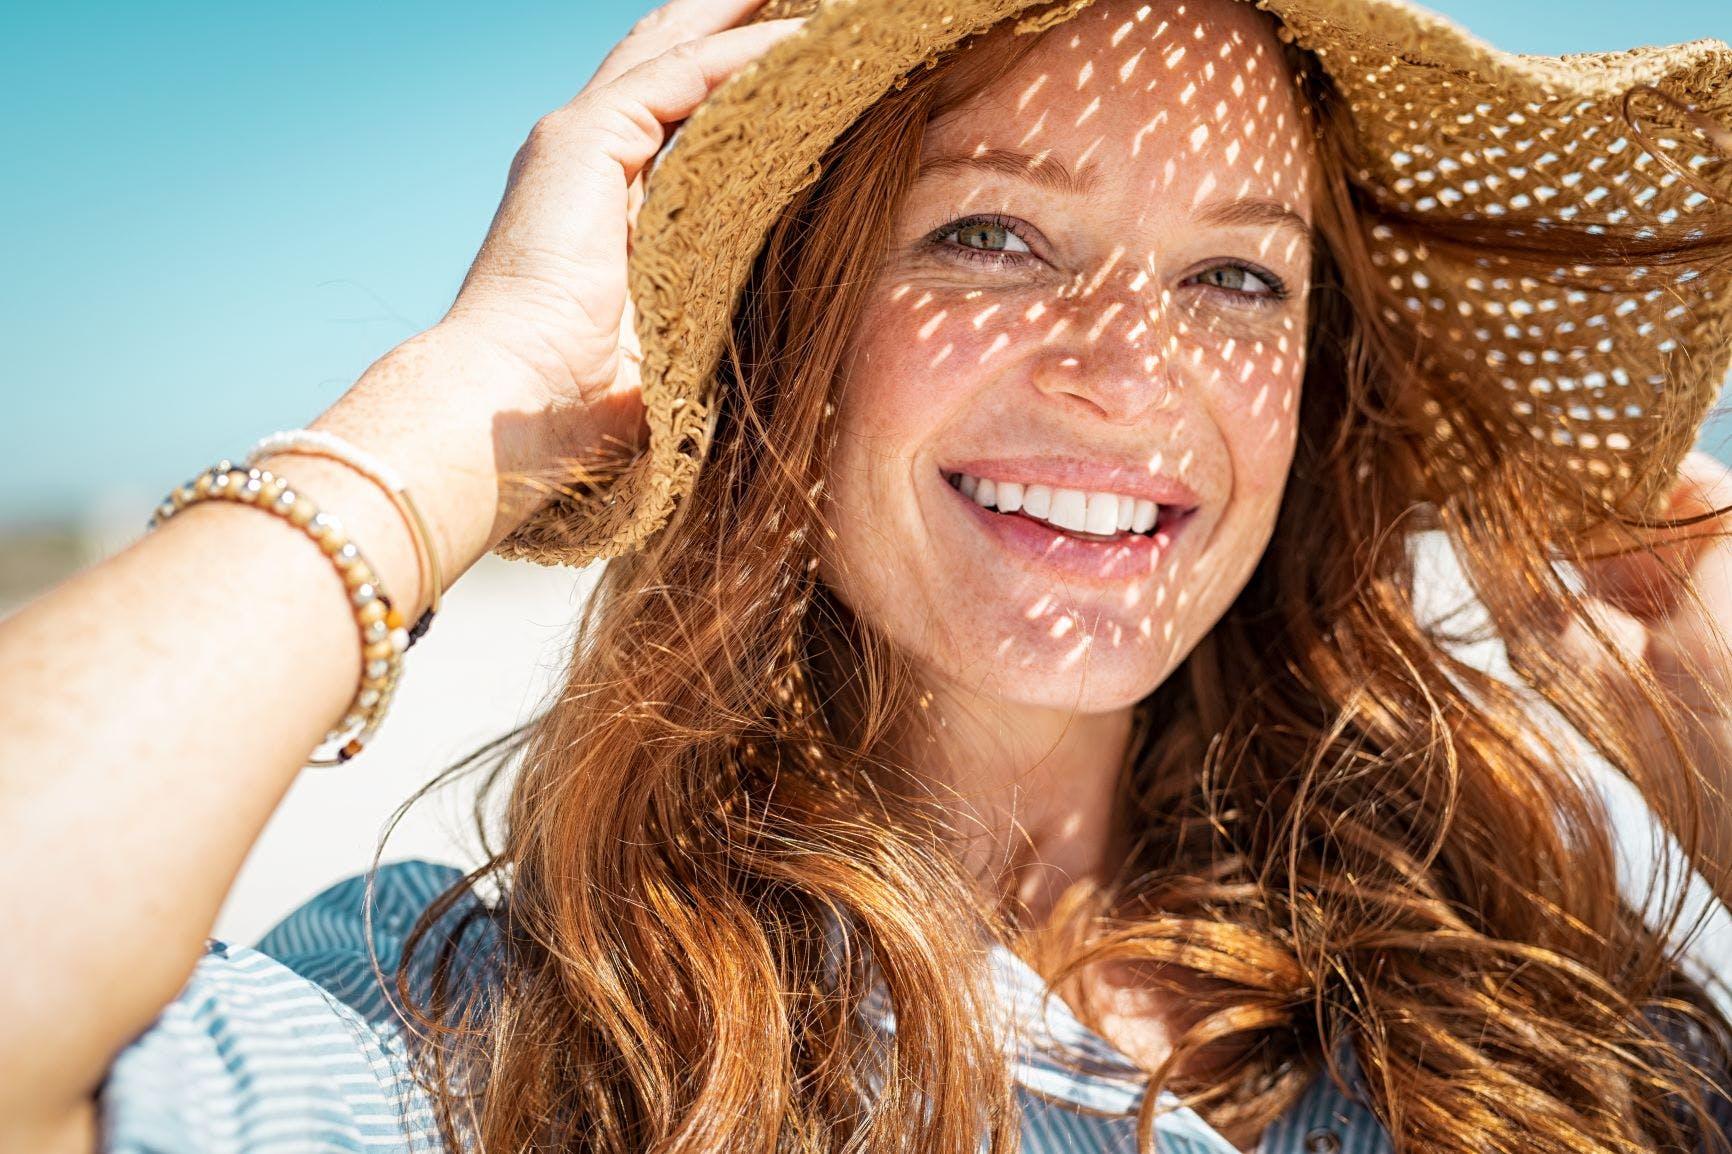 mujer sonriendo con sobrero al sol